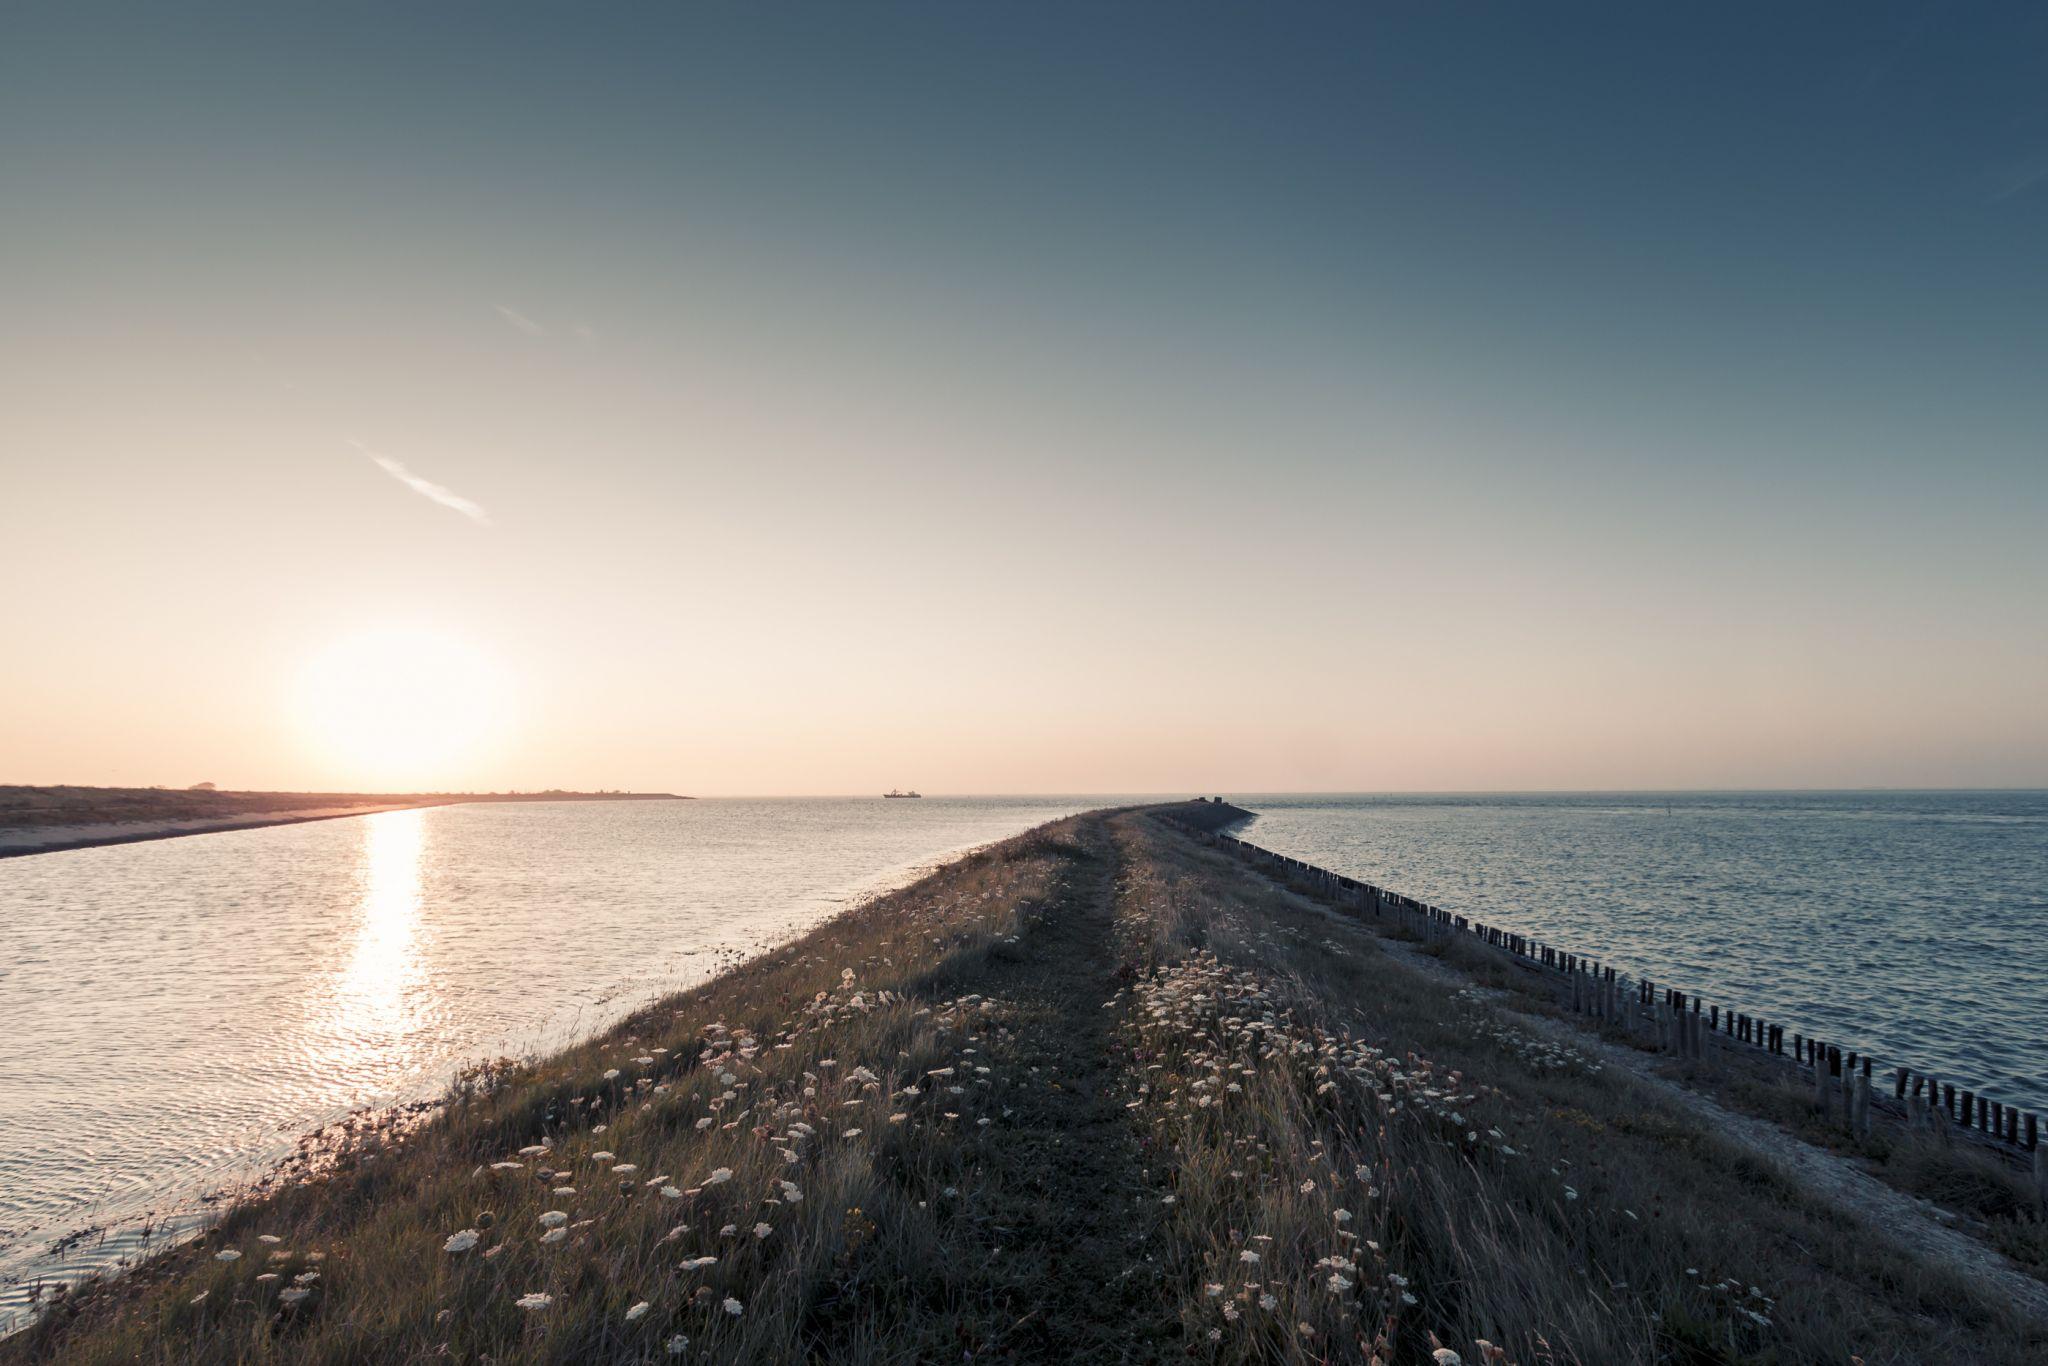 Sunrise, Zeeland, Netherlands